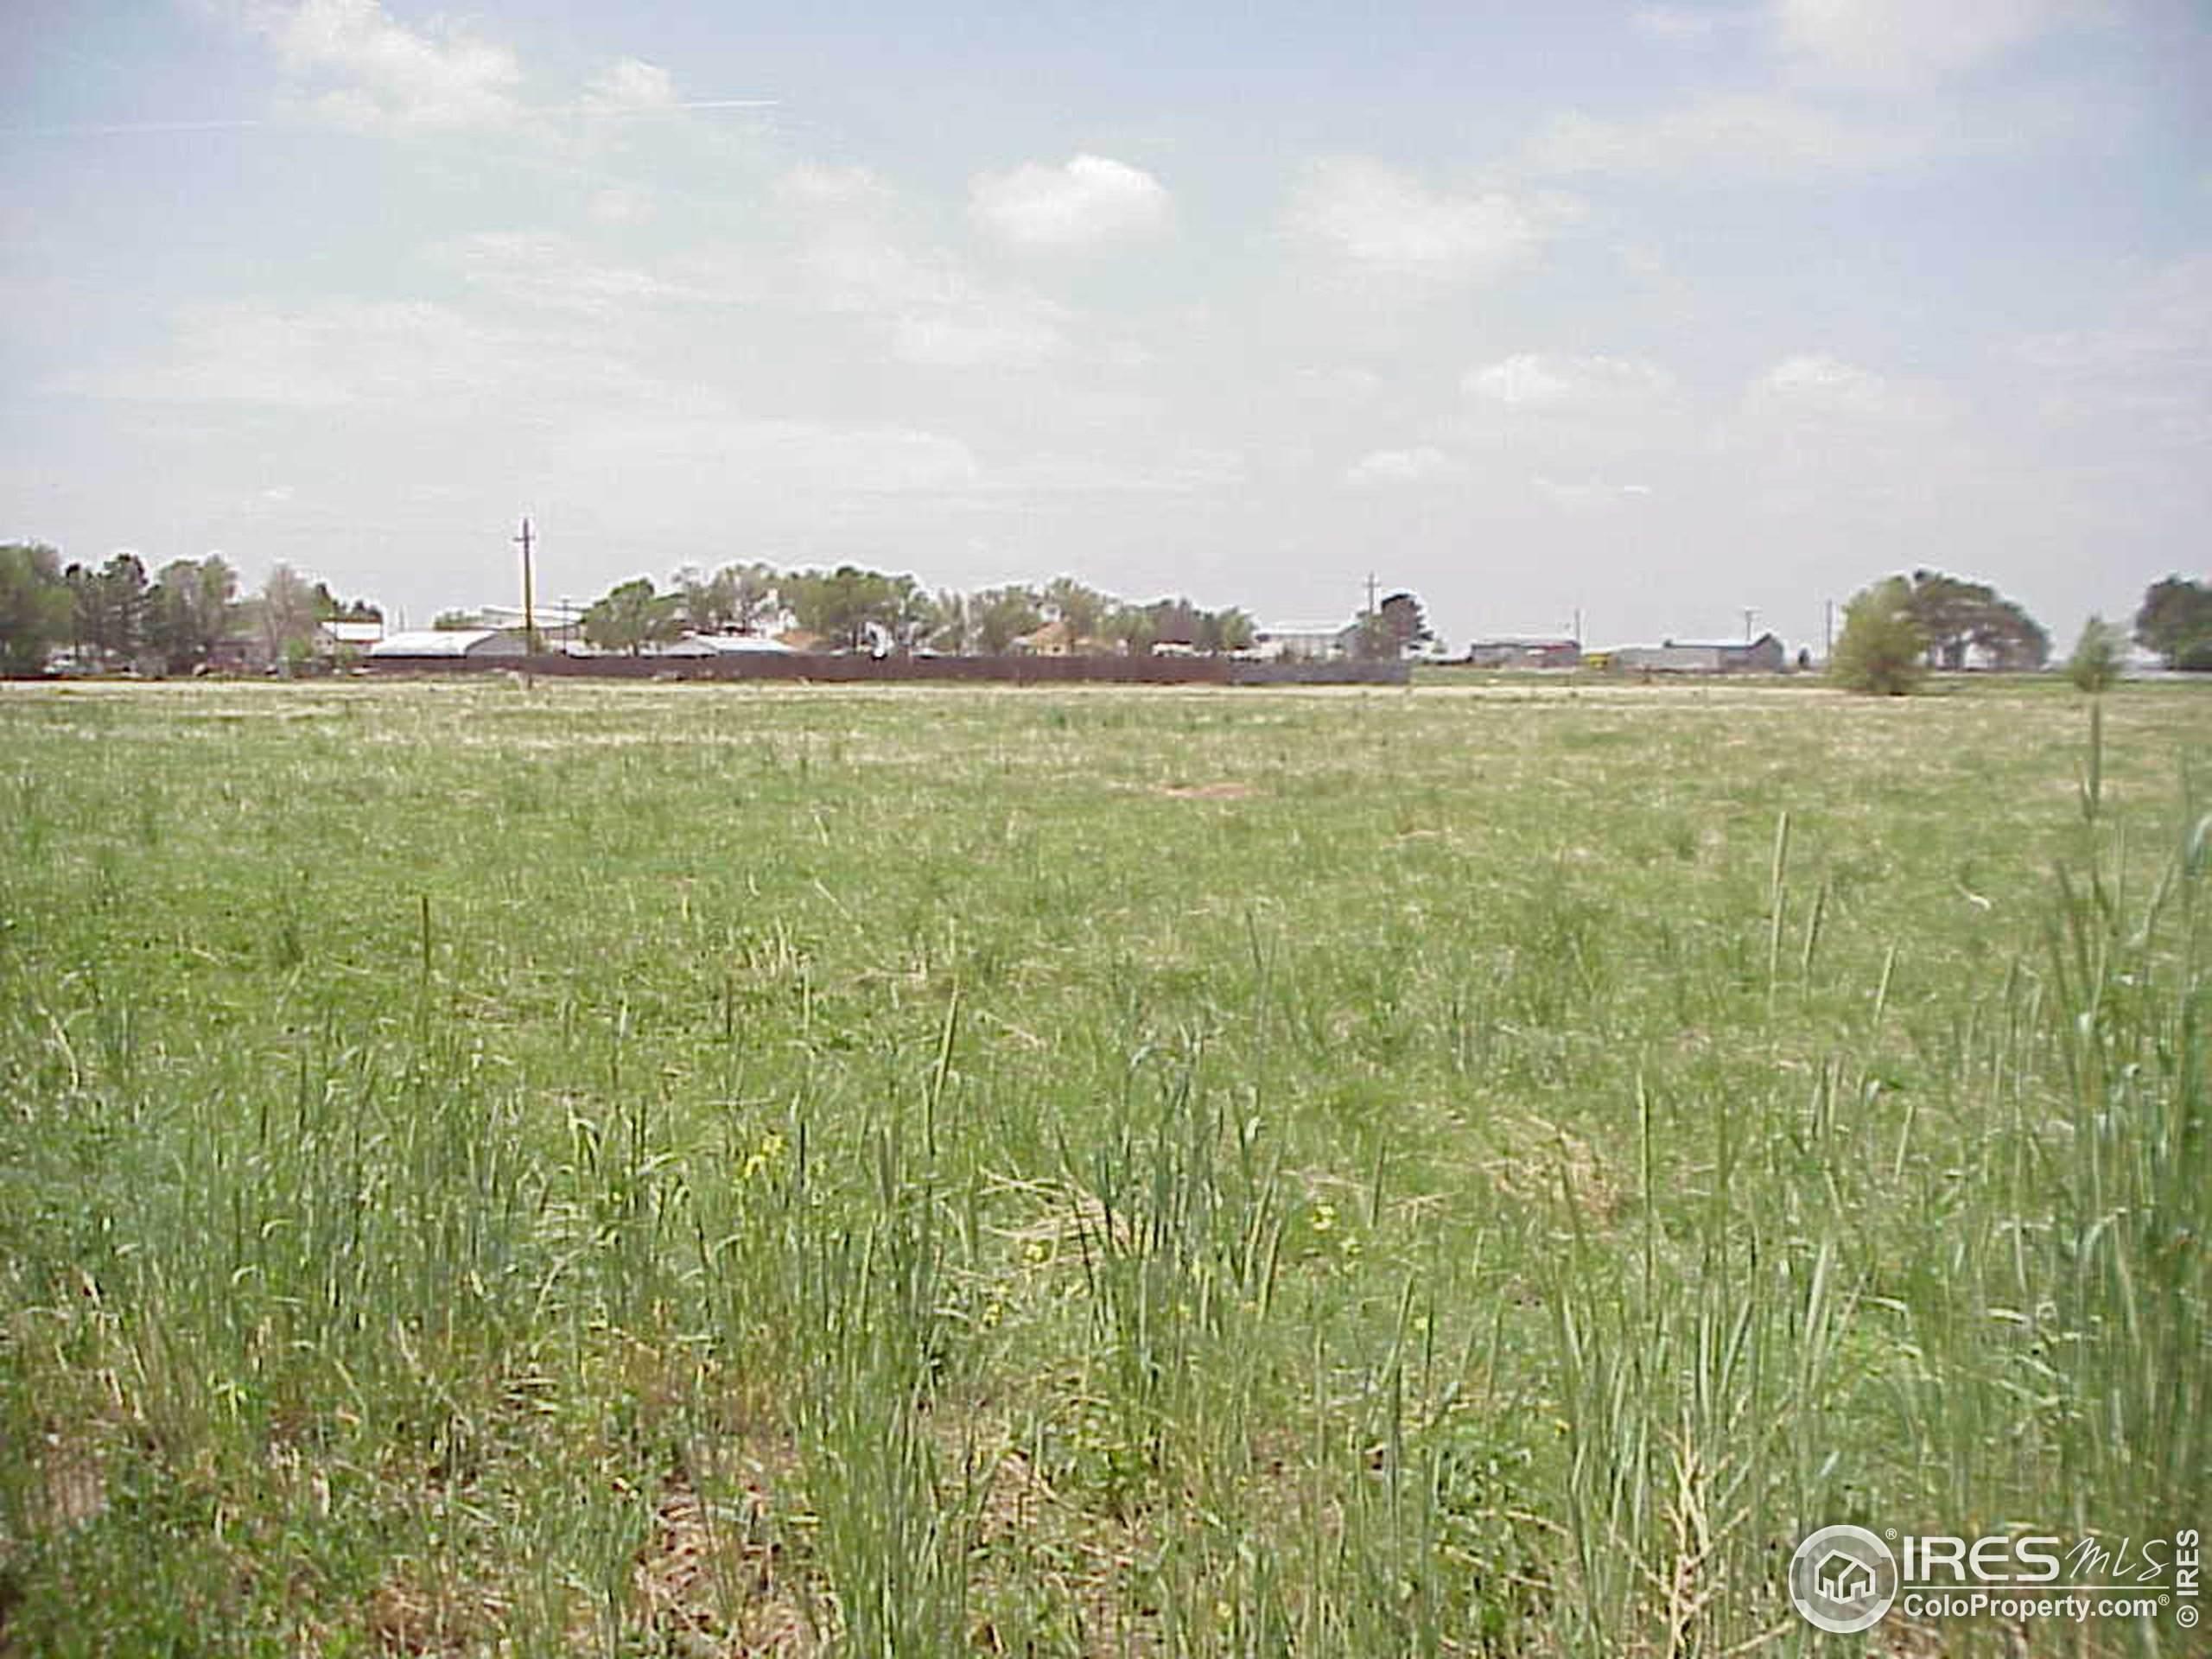 945 N 14th St, Burlington, CO 80807 (#897291) :: HomePopper